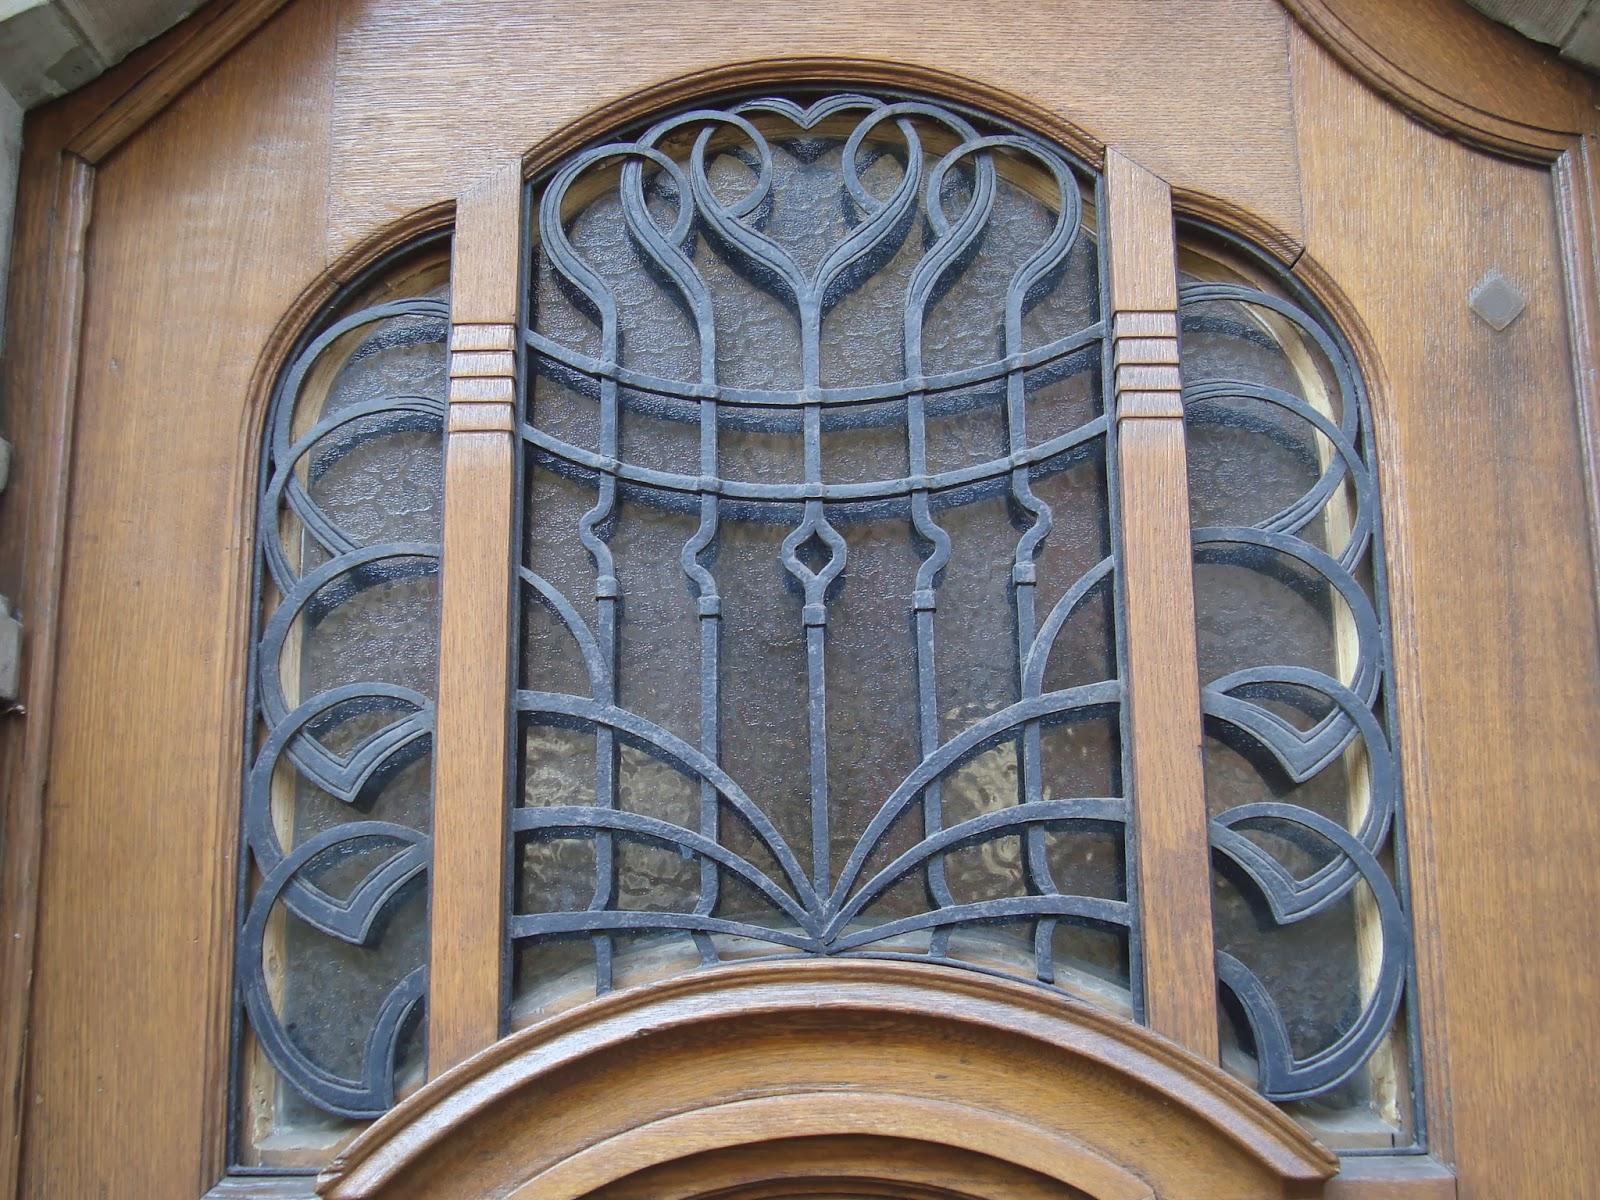 Paseos art nouveau porte 51 46 avenue des vosges - 10 avenue de la porte de menilmontant ...